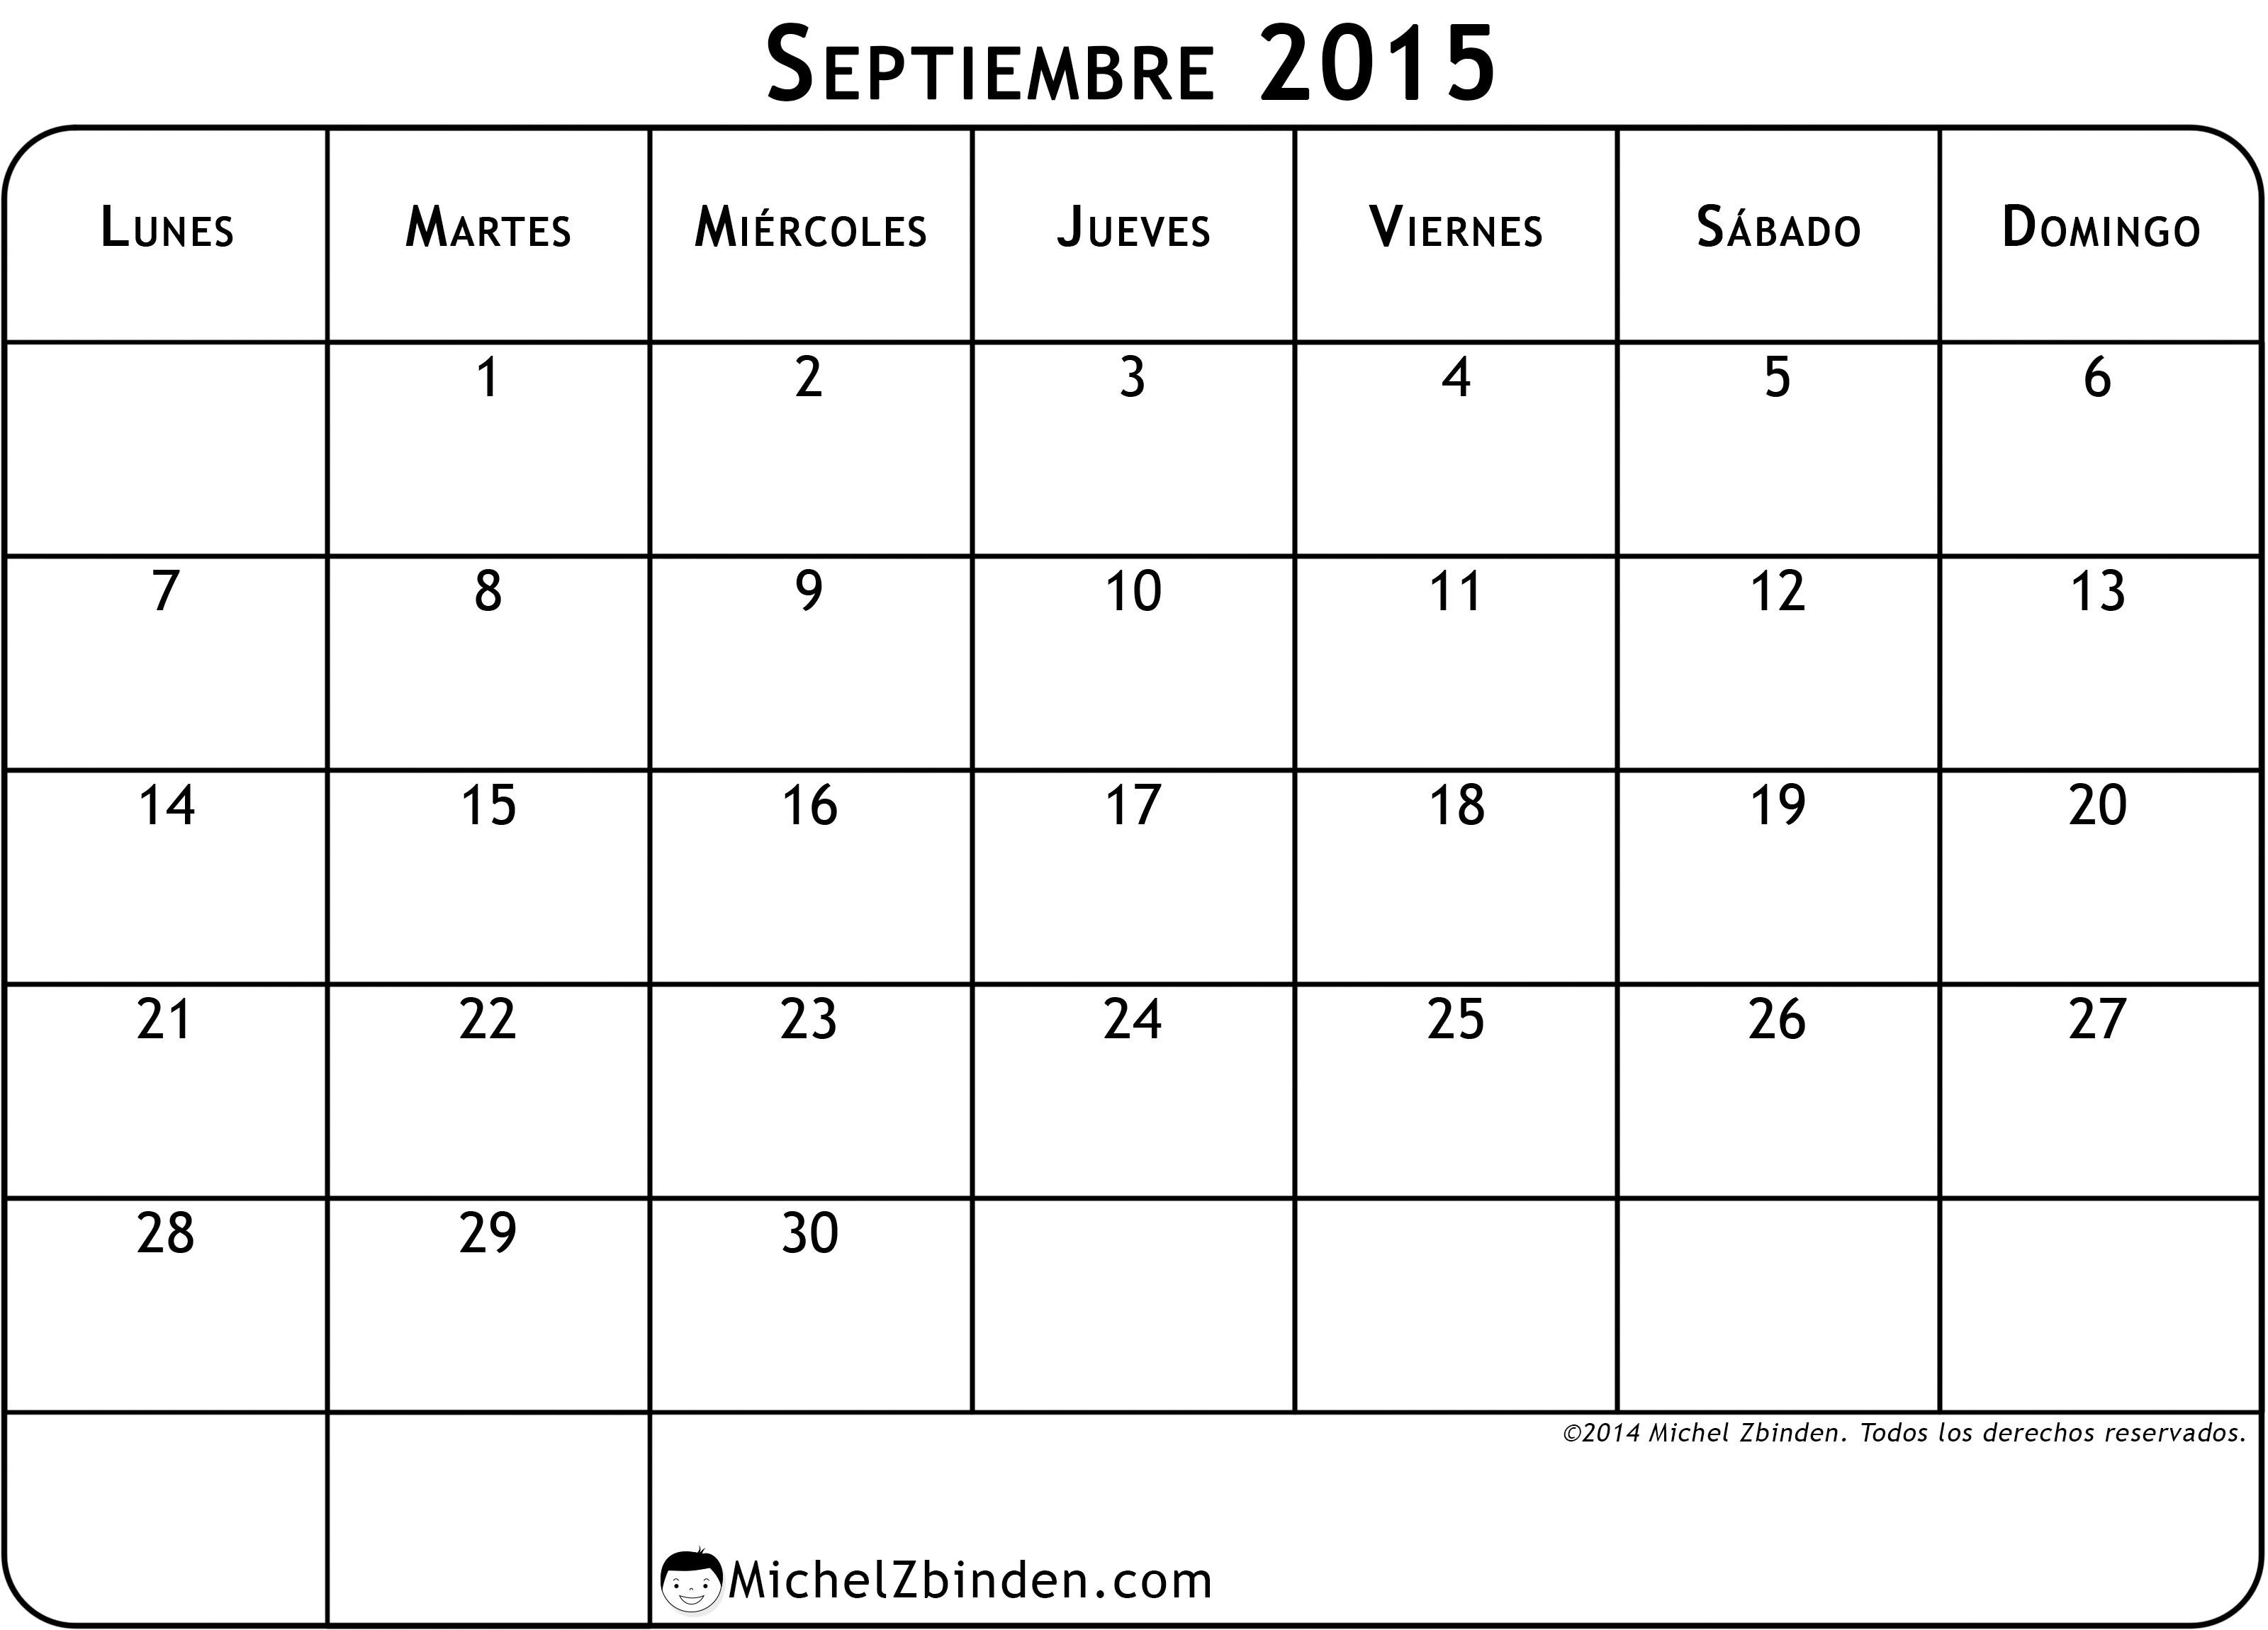 Calendario 2019 Para Imprimir Costa Rica Más Recientes Calendario Octubre 2015 Para Imprimir 2017 Vector Calendar In Of Calendario 2019 Para Imprimir Costa Rica Más Caliente Calendario Cuba A±o 2019